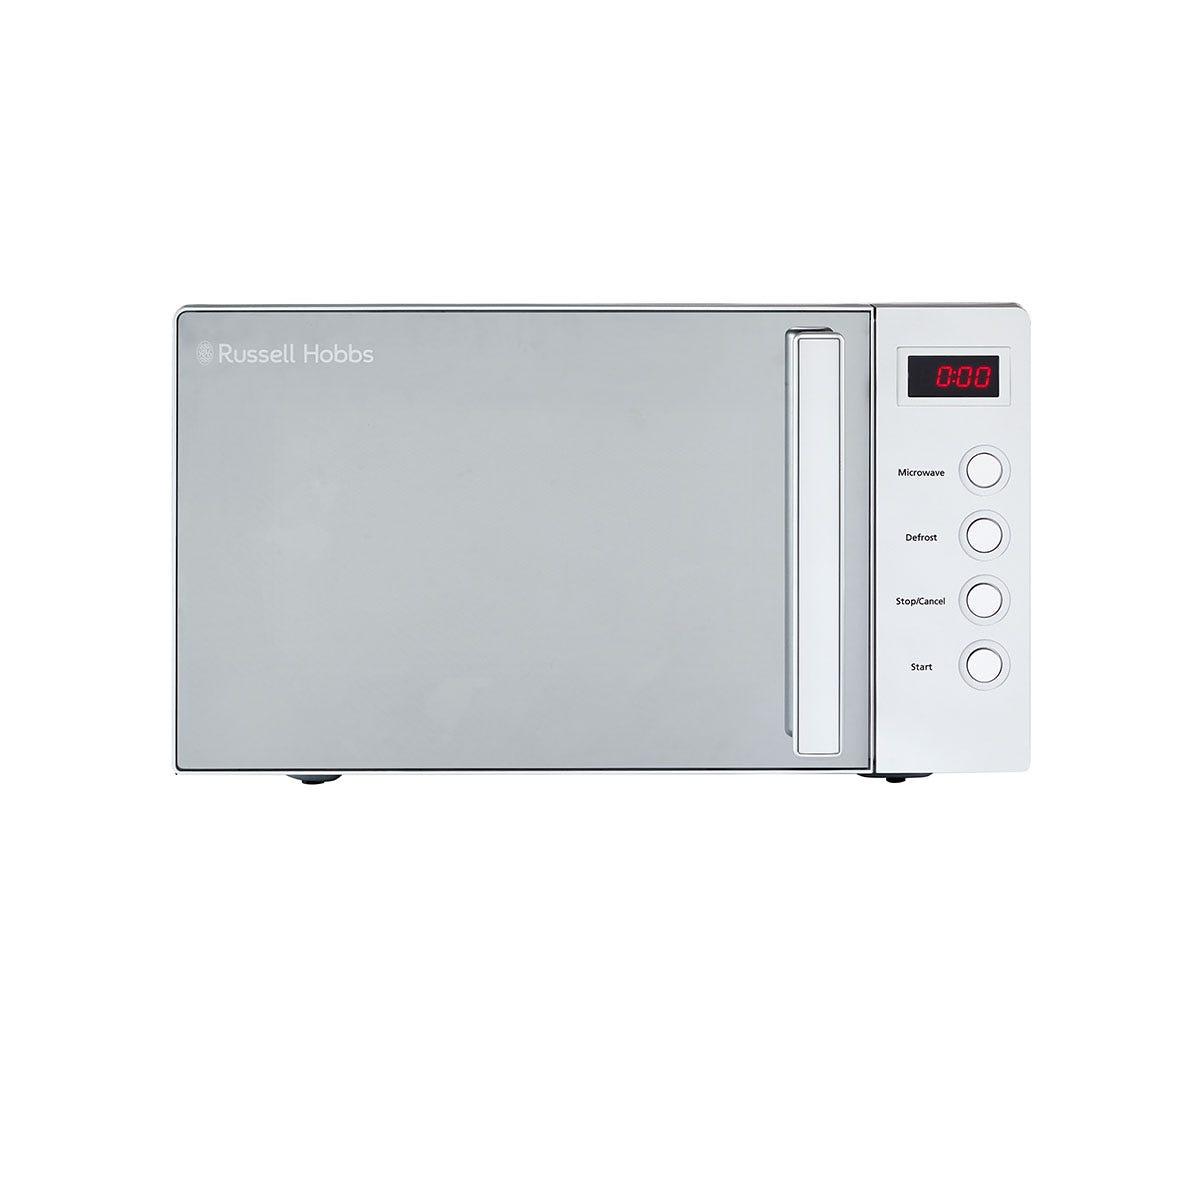 Russell Hobbs RHEM2001S-RD Easi 20L Digital Microwave - Silver